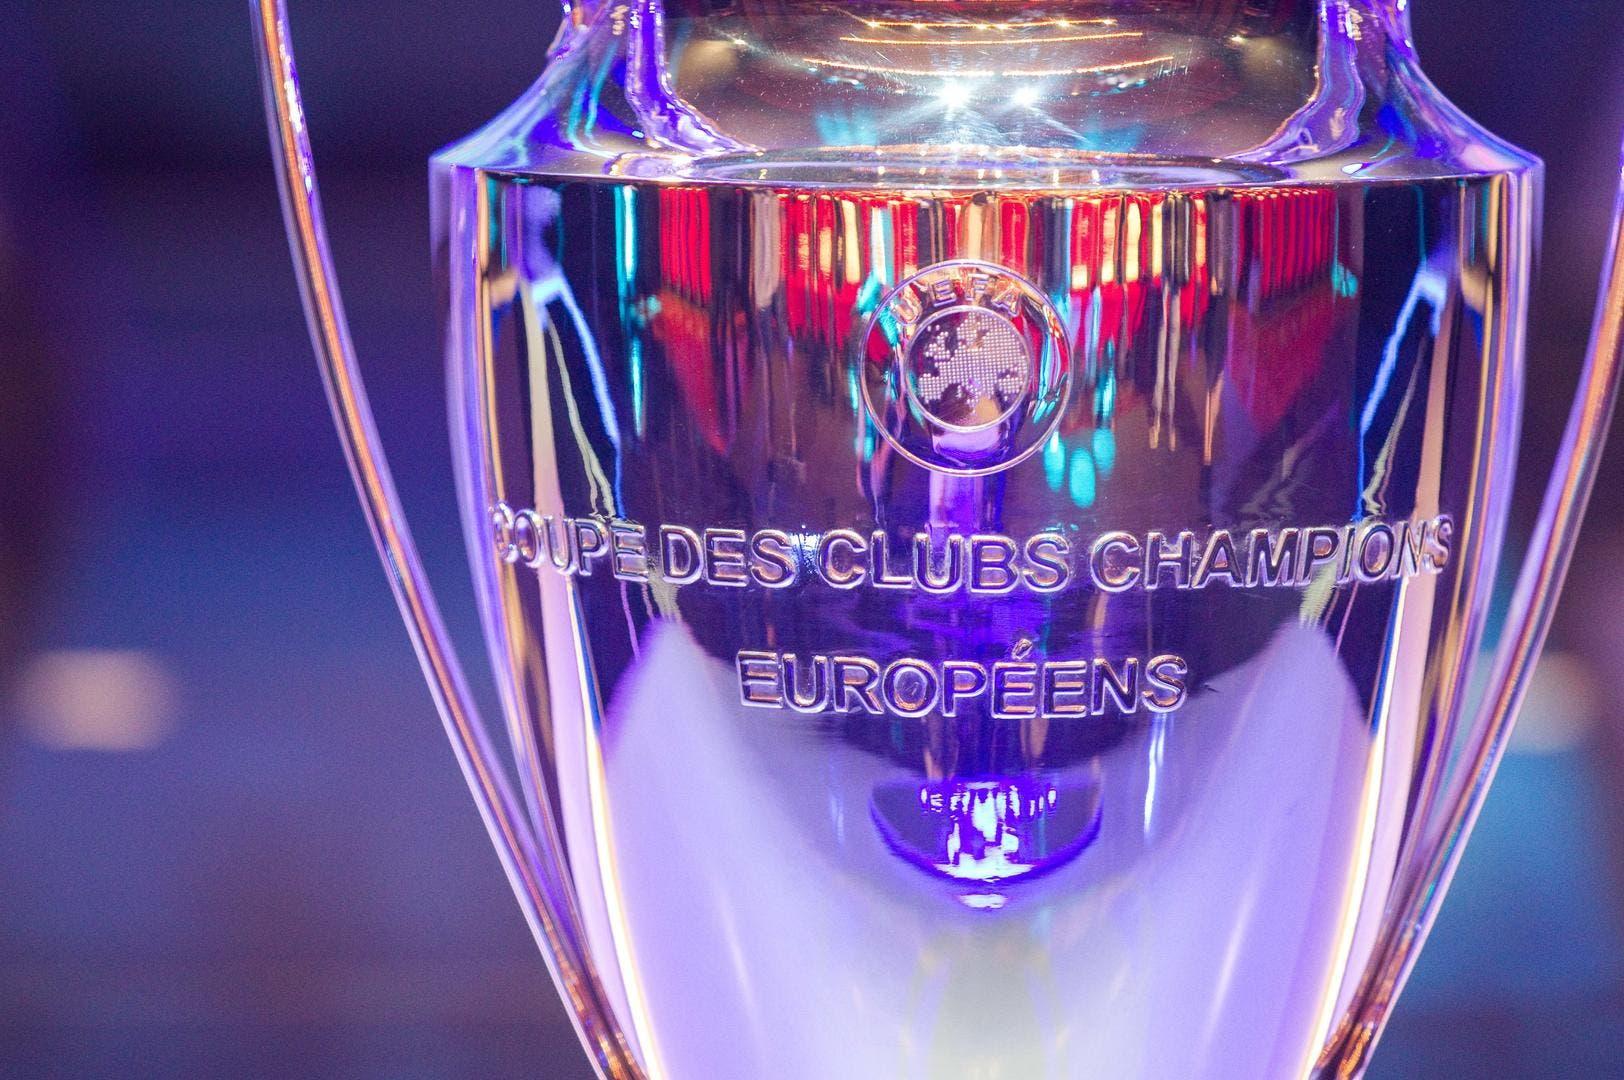 Huitièmes de finale de la Ligue des Champions: Le PSG affrontera le FC Barcelone.